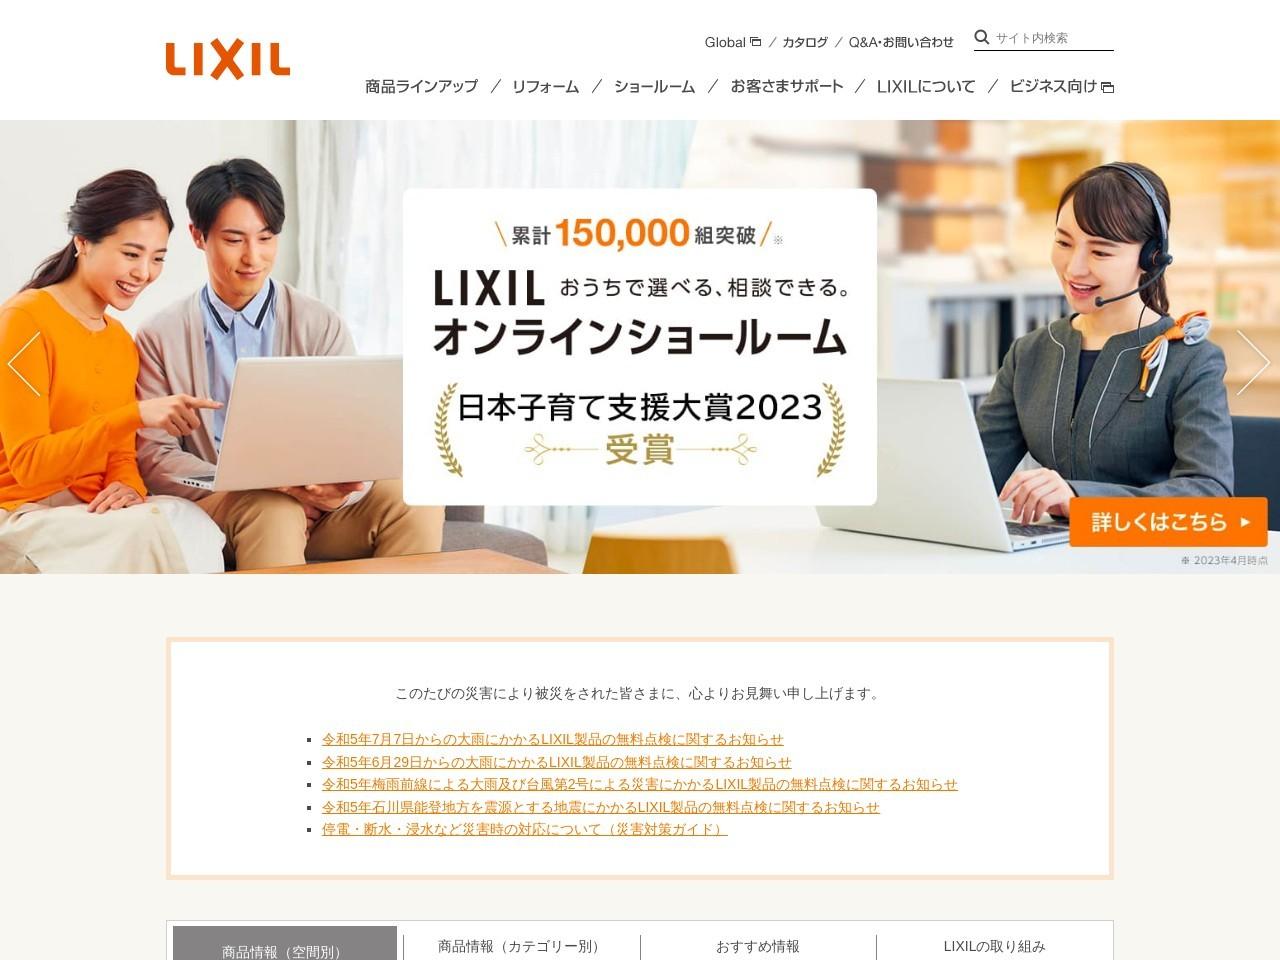 LIXILショールーム函館